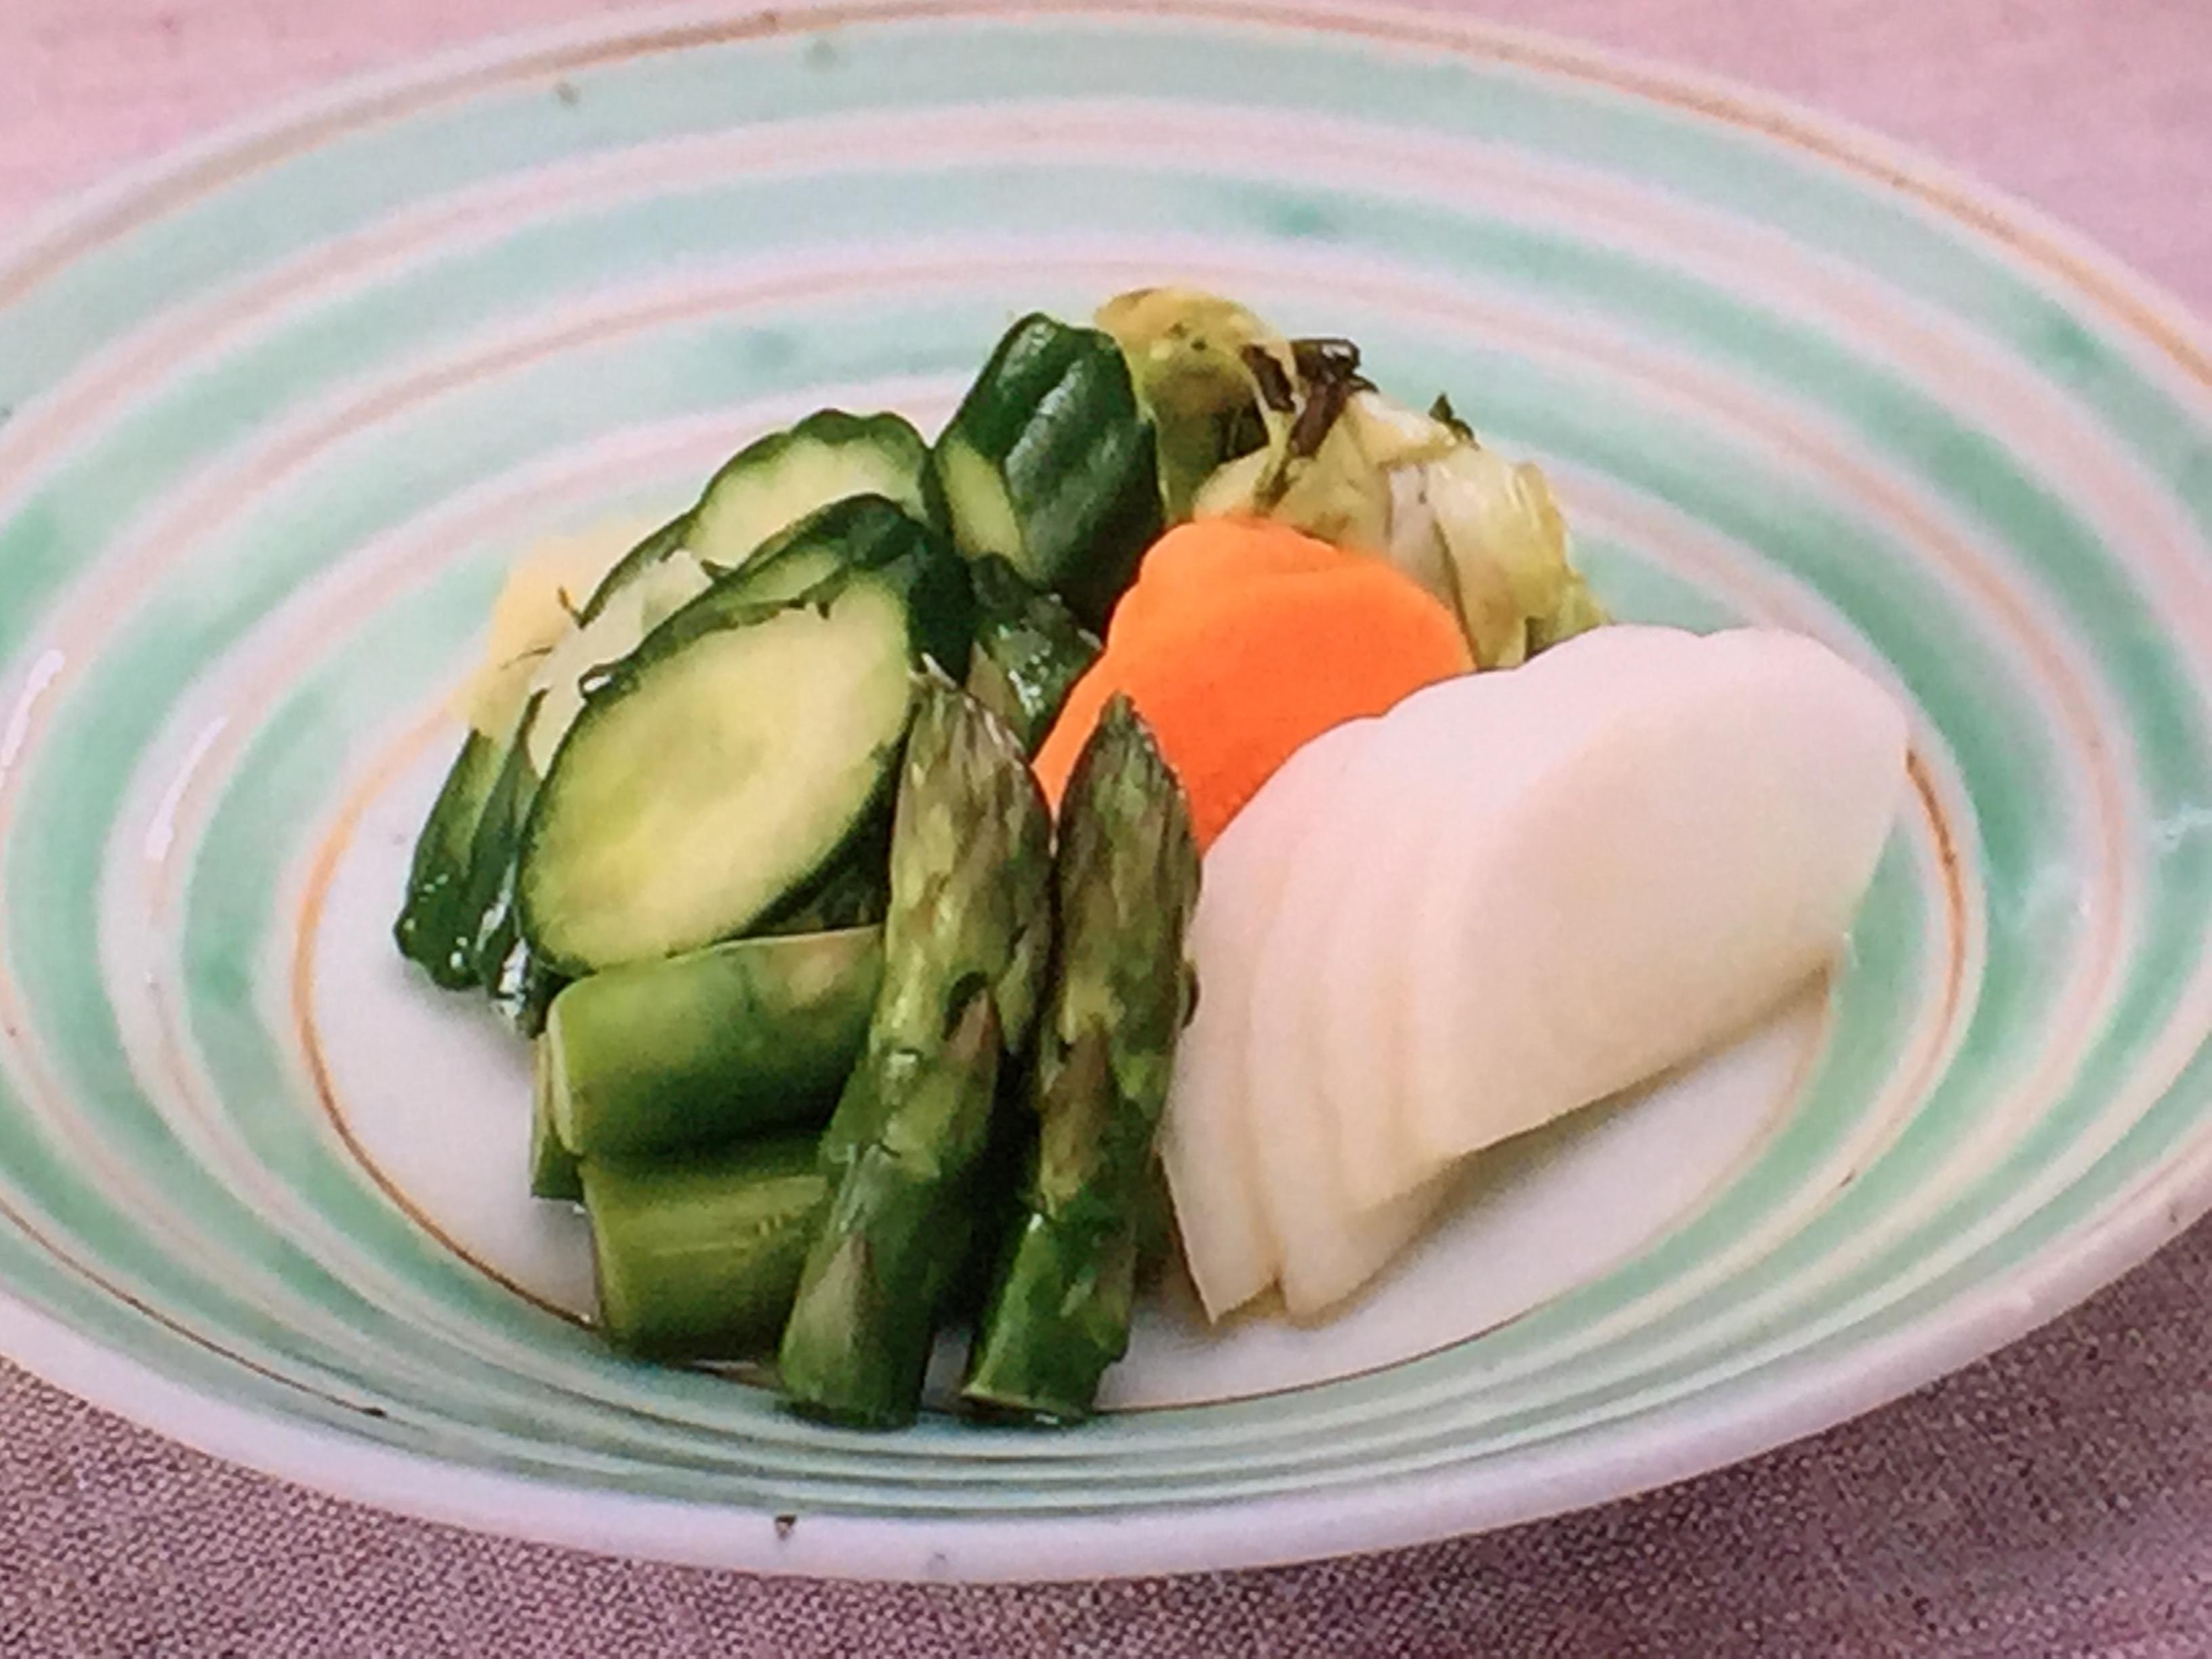 冷凍食事と宅配弁当はつわりに悩む妊婦さんや産後 …